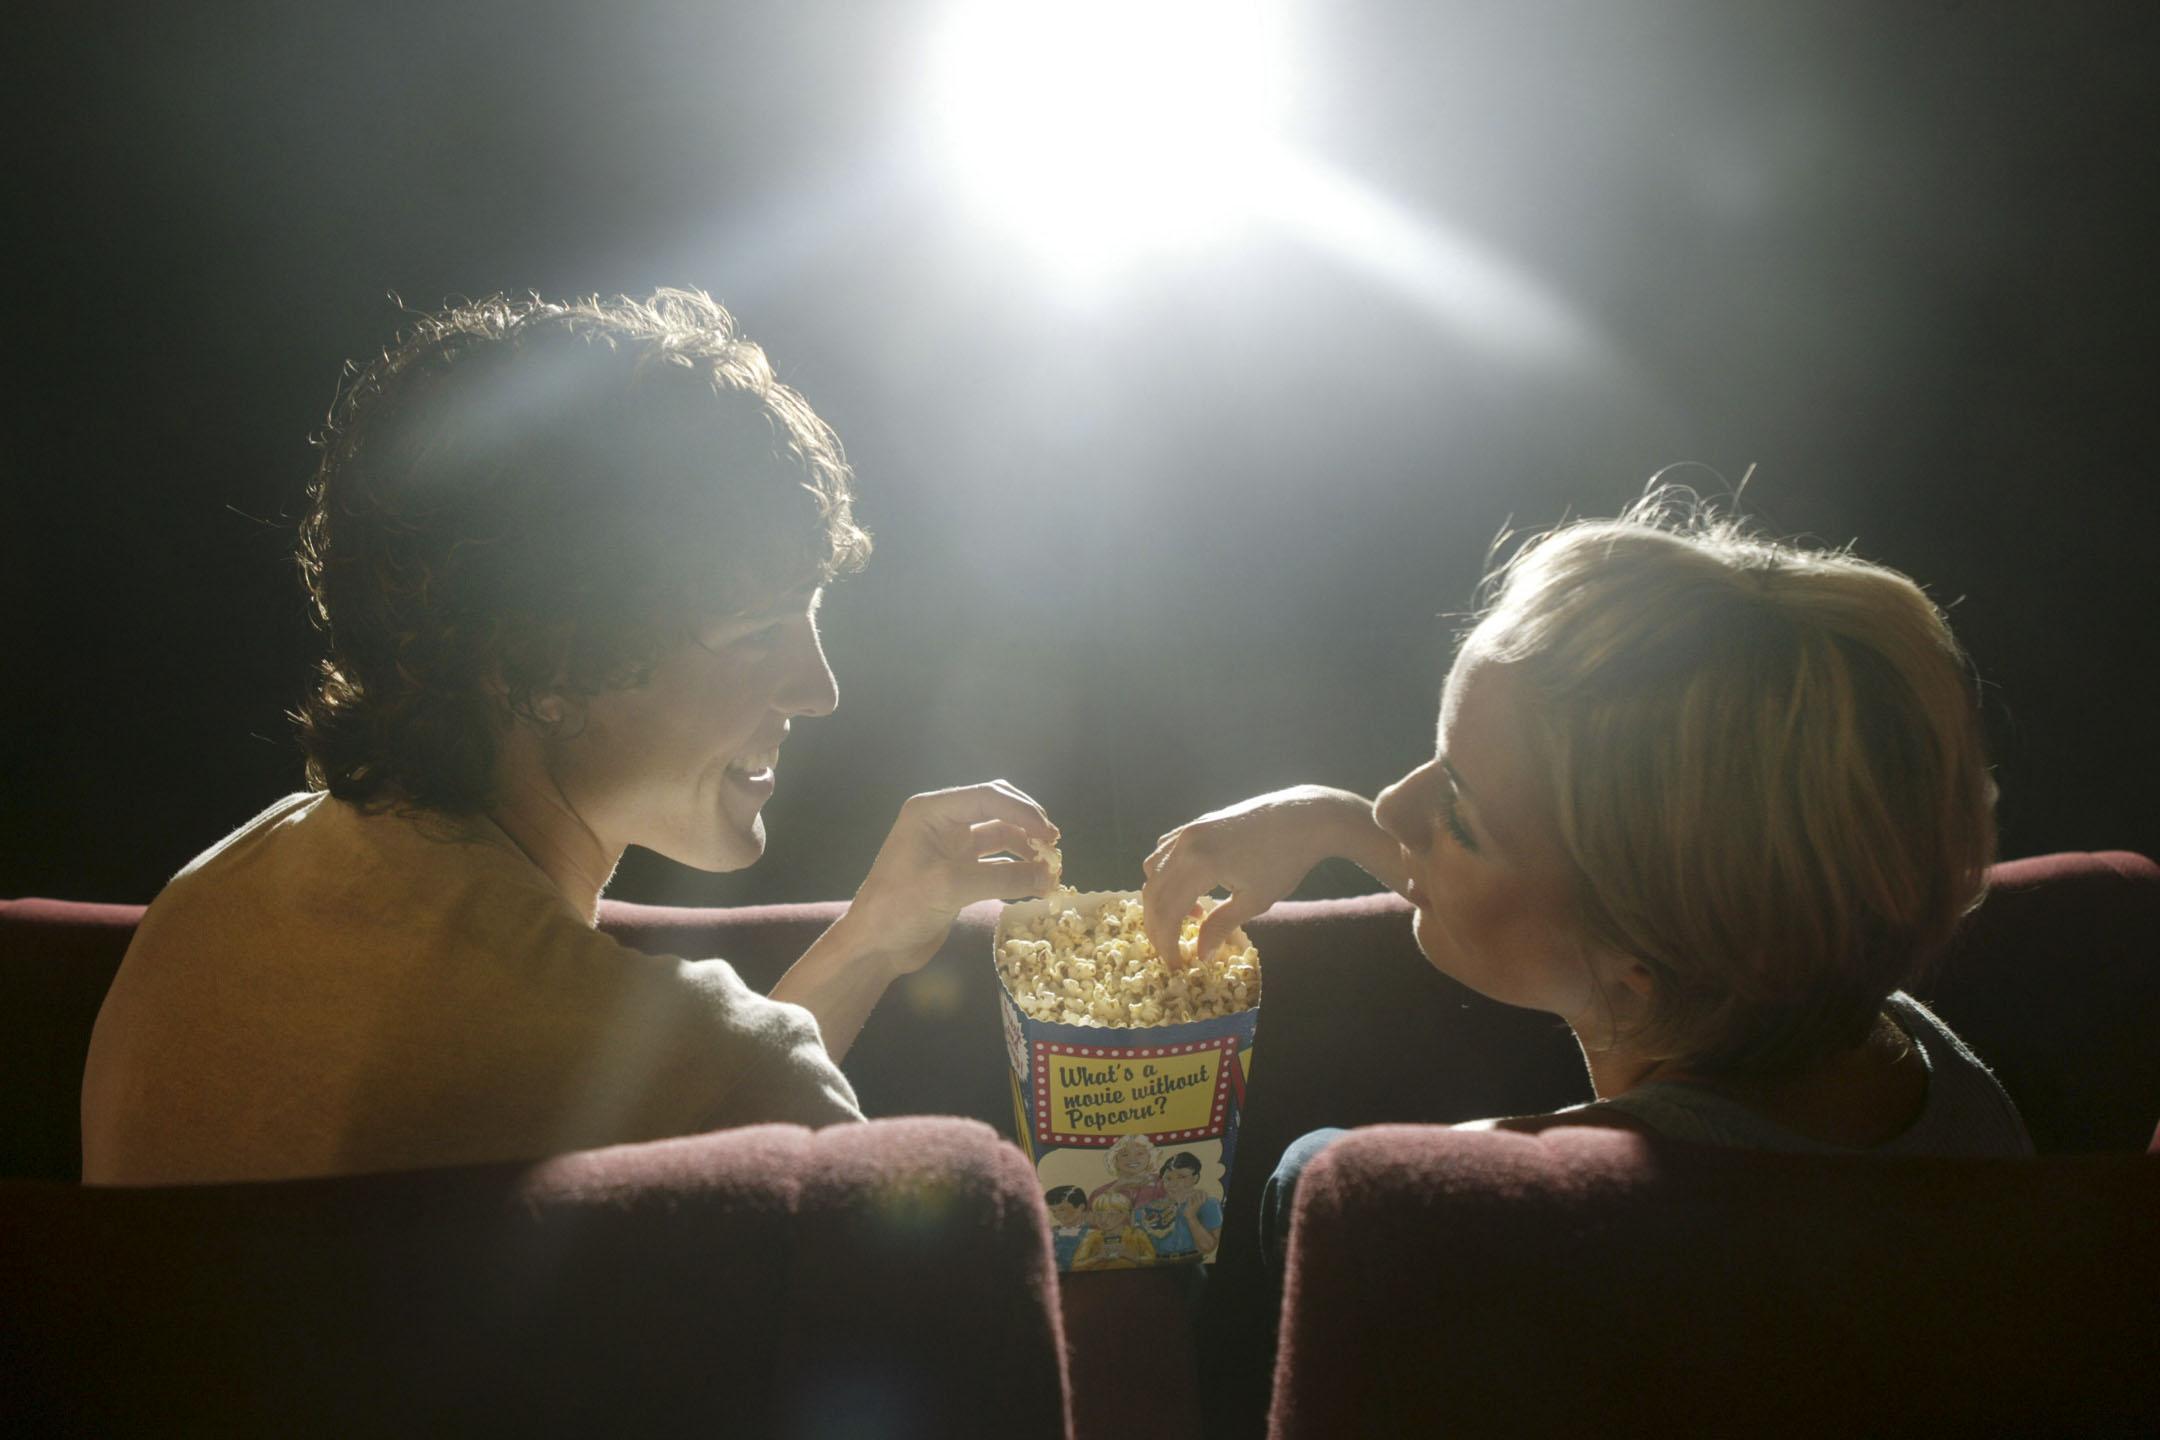 2004年12月10日,一對夫婦在電影院觀影時吃爆米花。 攝:Fairfax Media via Getty Image